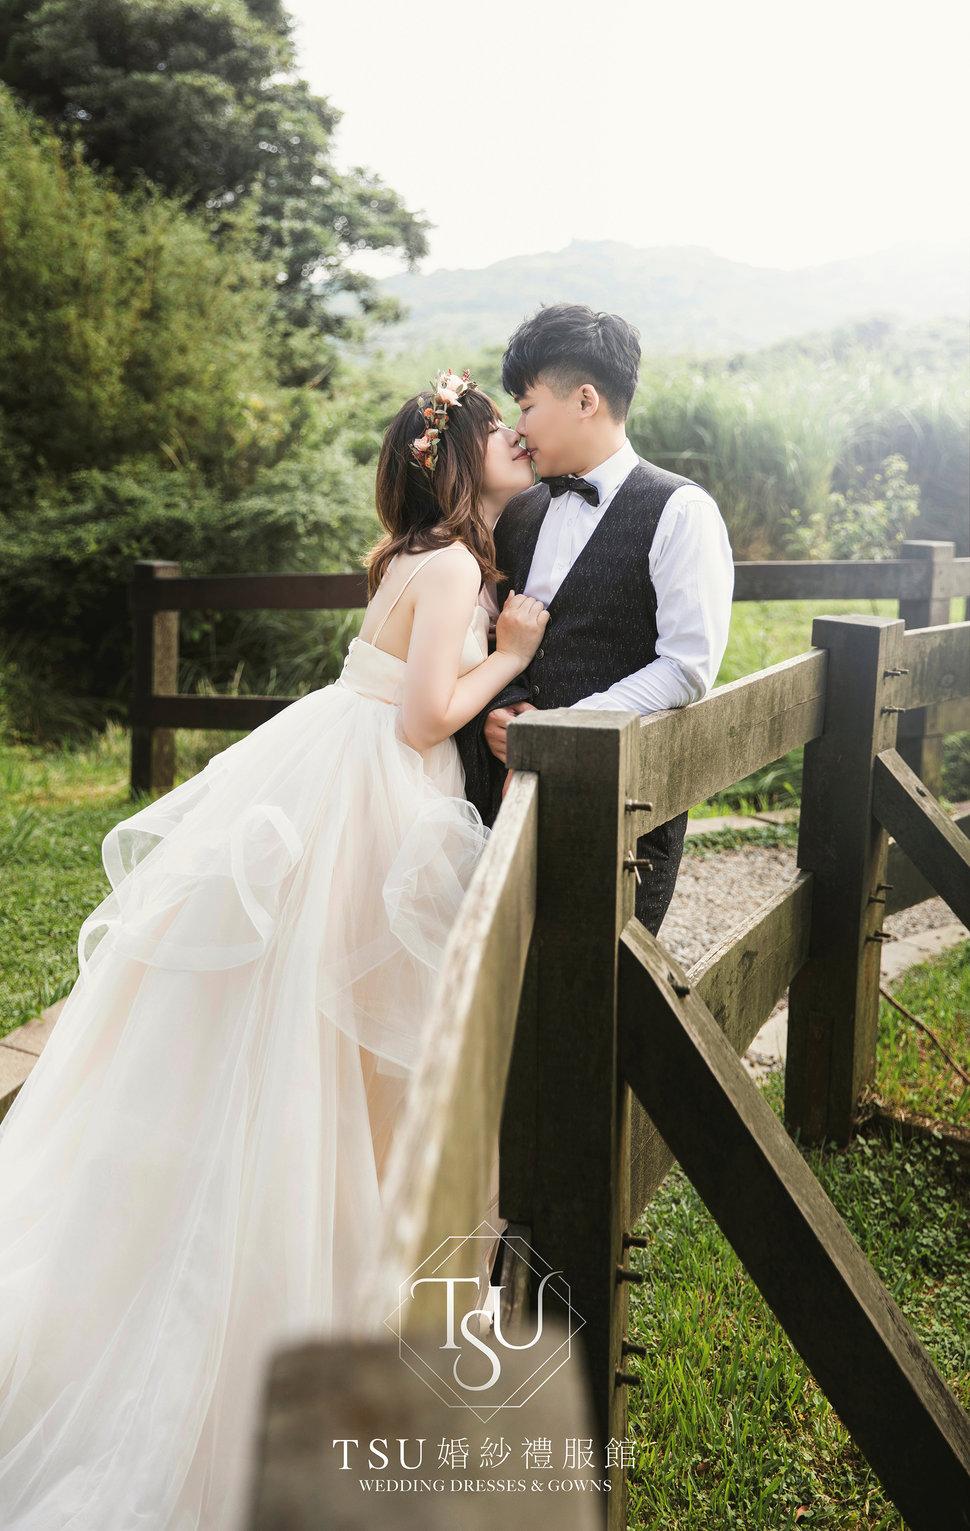 LK0A4534-1 - TSU婚紗禮服館《結婚吧》